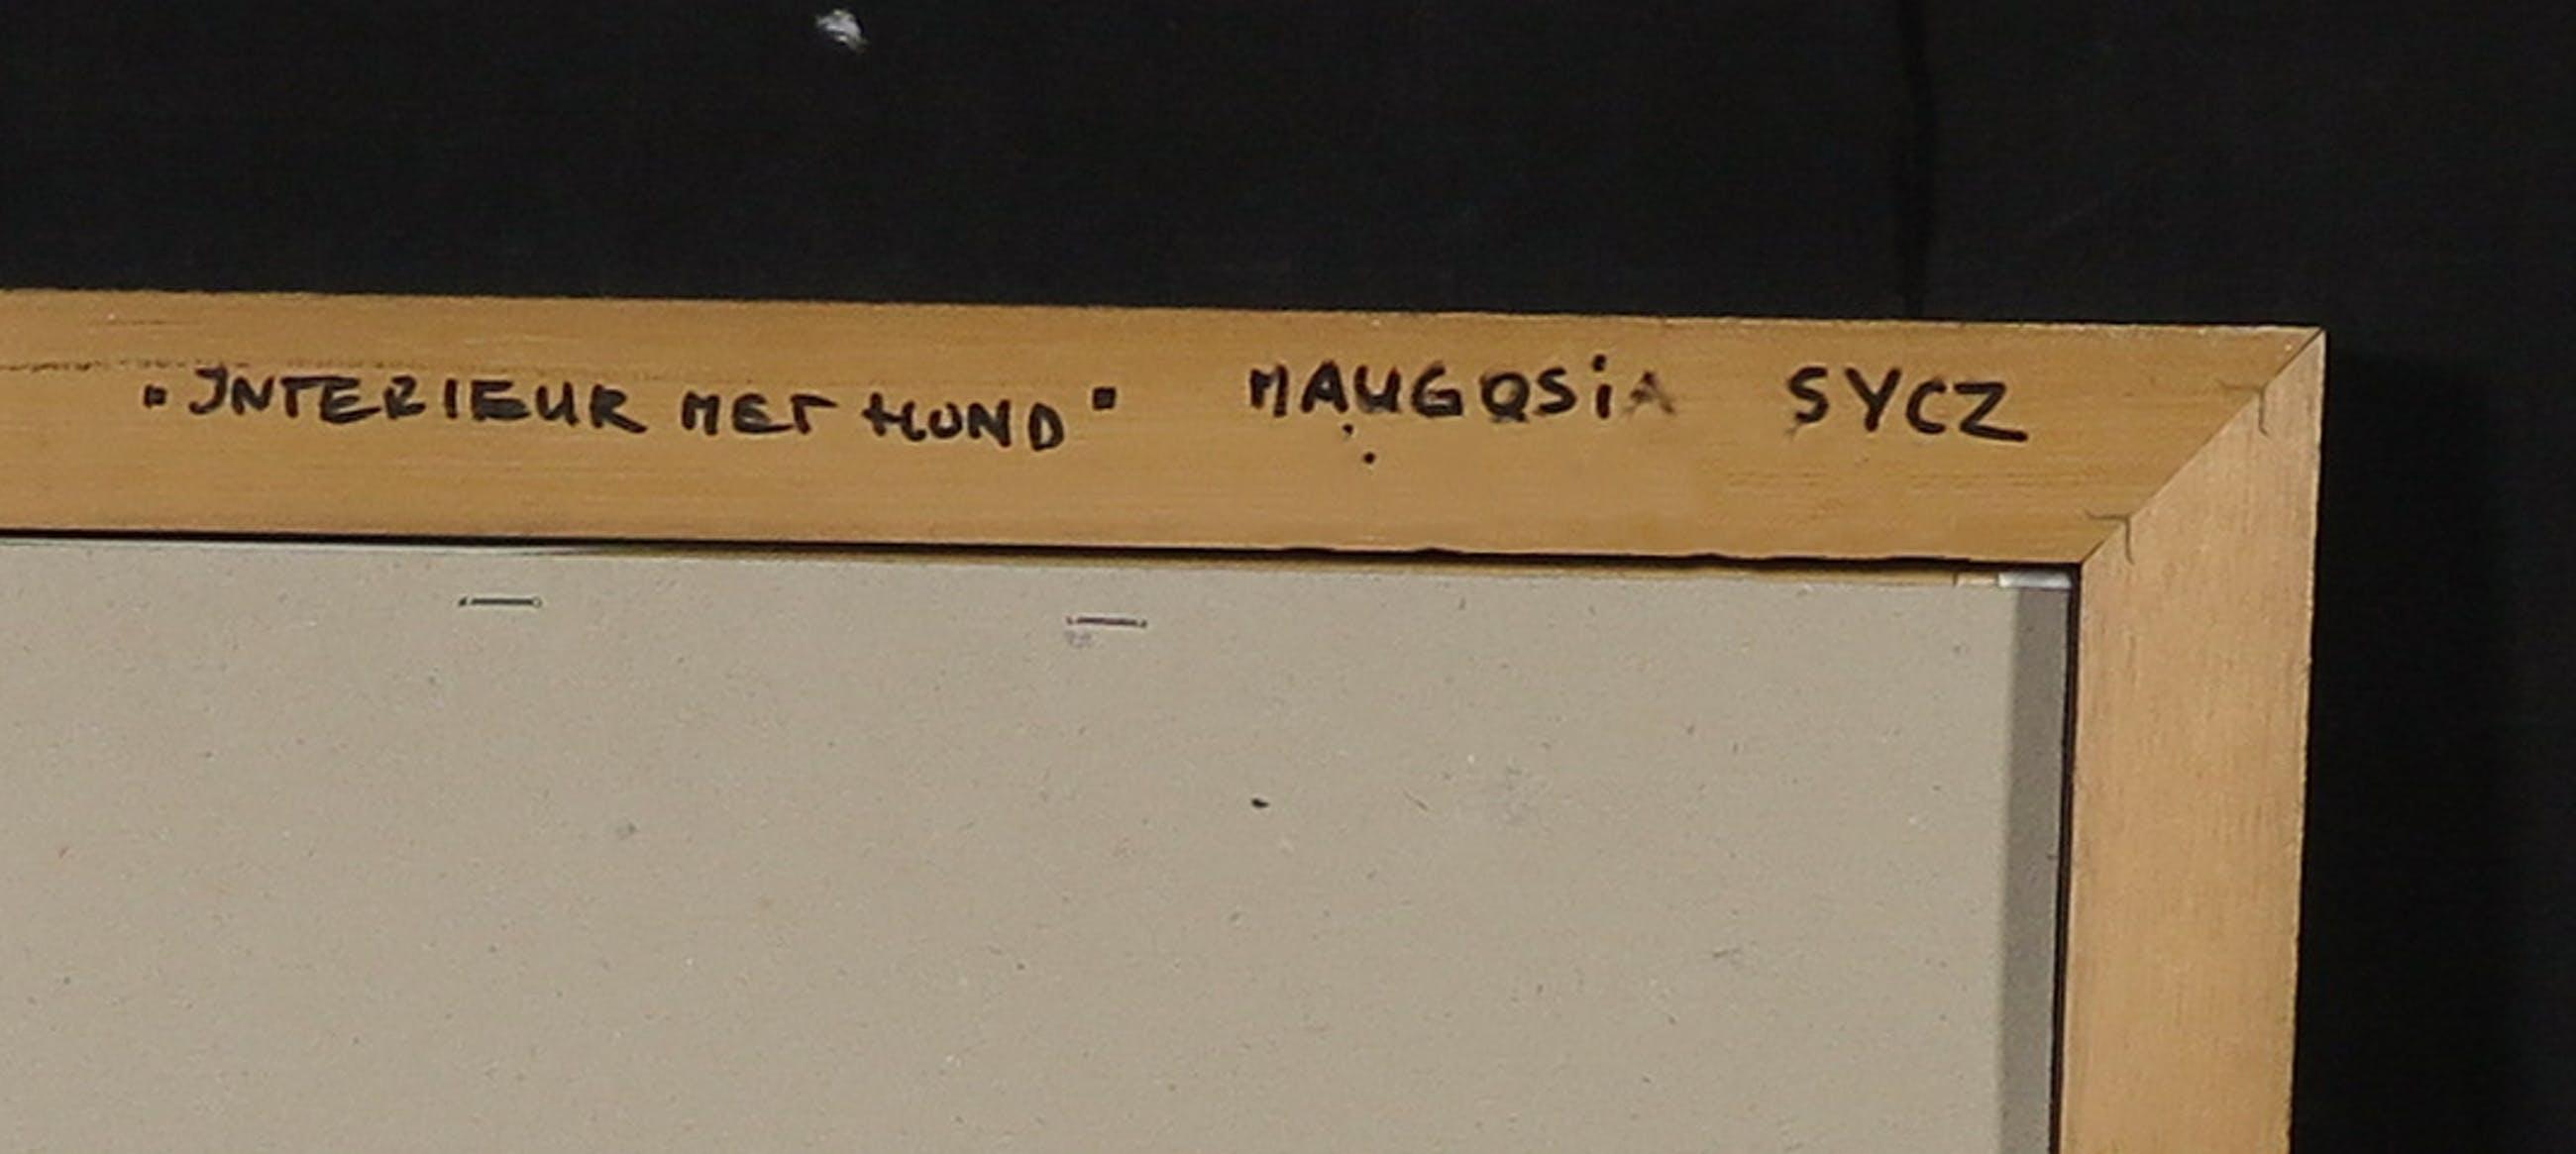 Maugosia Sycz - Acryl en collage op doek, Interieur met hond - Ingelijst kopen? Bied vanaf 60!